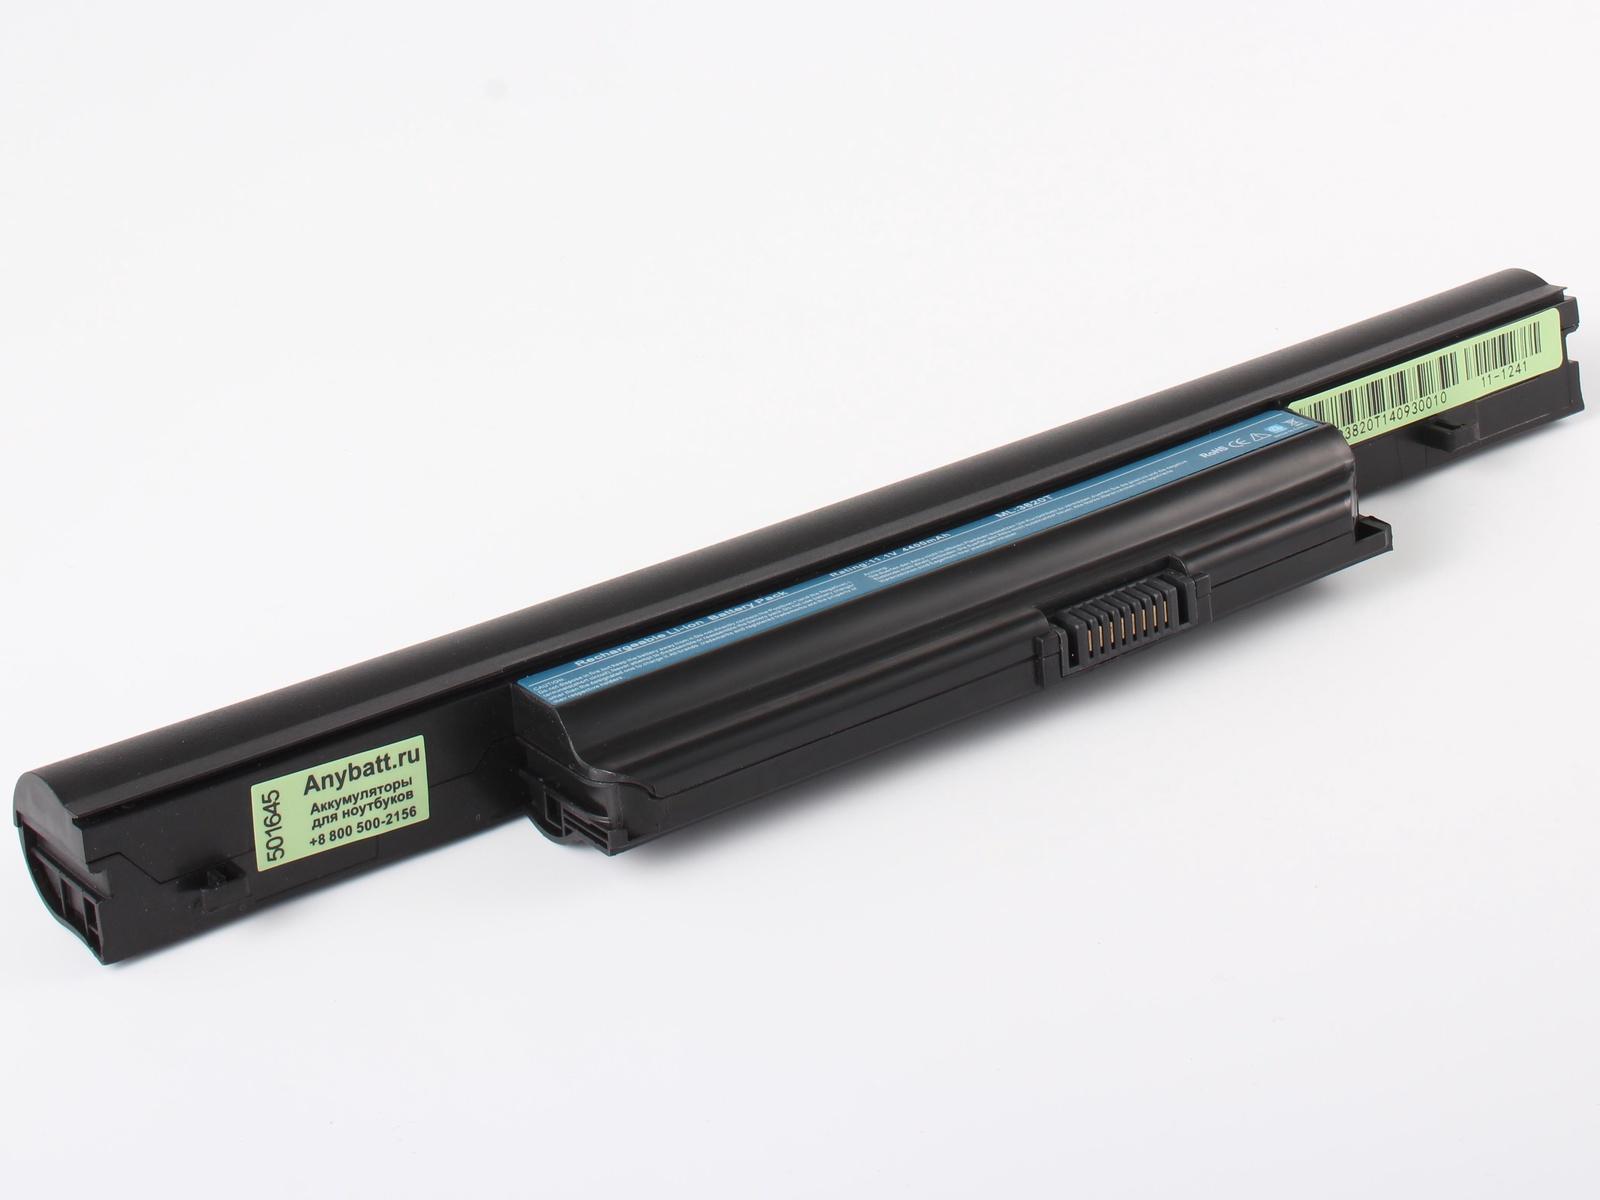 Аккумулятор для ноутбука AnyBatt для Acer Aspire 7745G-434G64Mi, Aspire 7745G-5454G64Miks, Aspire TimelineX 3820TG-434G32i, Aspire TimelineX 3820TG-484G50iks, Aspire TimelineX 4820TG-353G25Miks, Aspire TimelineX 4820TG-384G50Miks цена в Москве и Питере